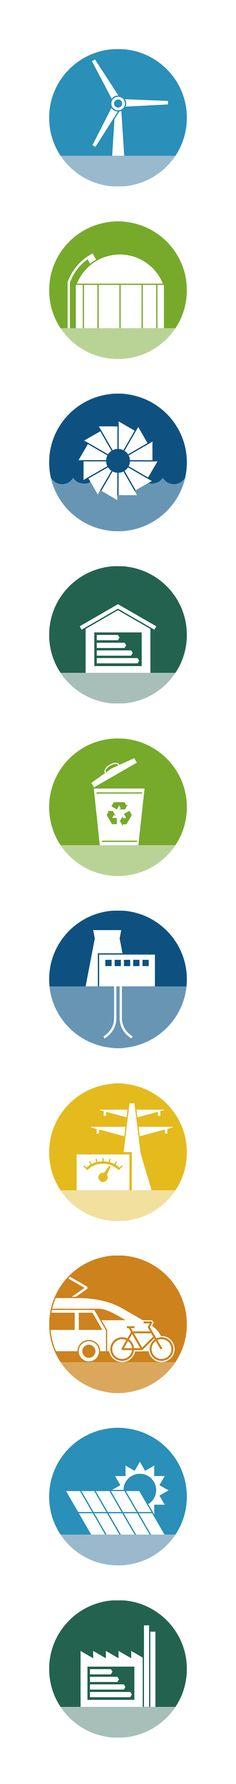 Für die Deutsche Klimatechnologie-Initiative (DKTI) haben wir eine Serie von Piktogrammen entworfen: Die Icons stehen für Technologien aus dem Bereich erneuerbare Energien.